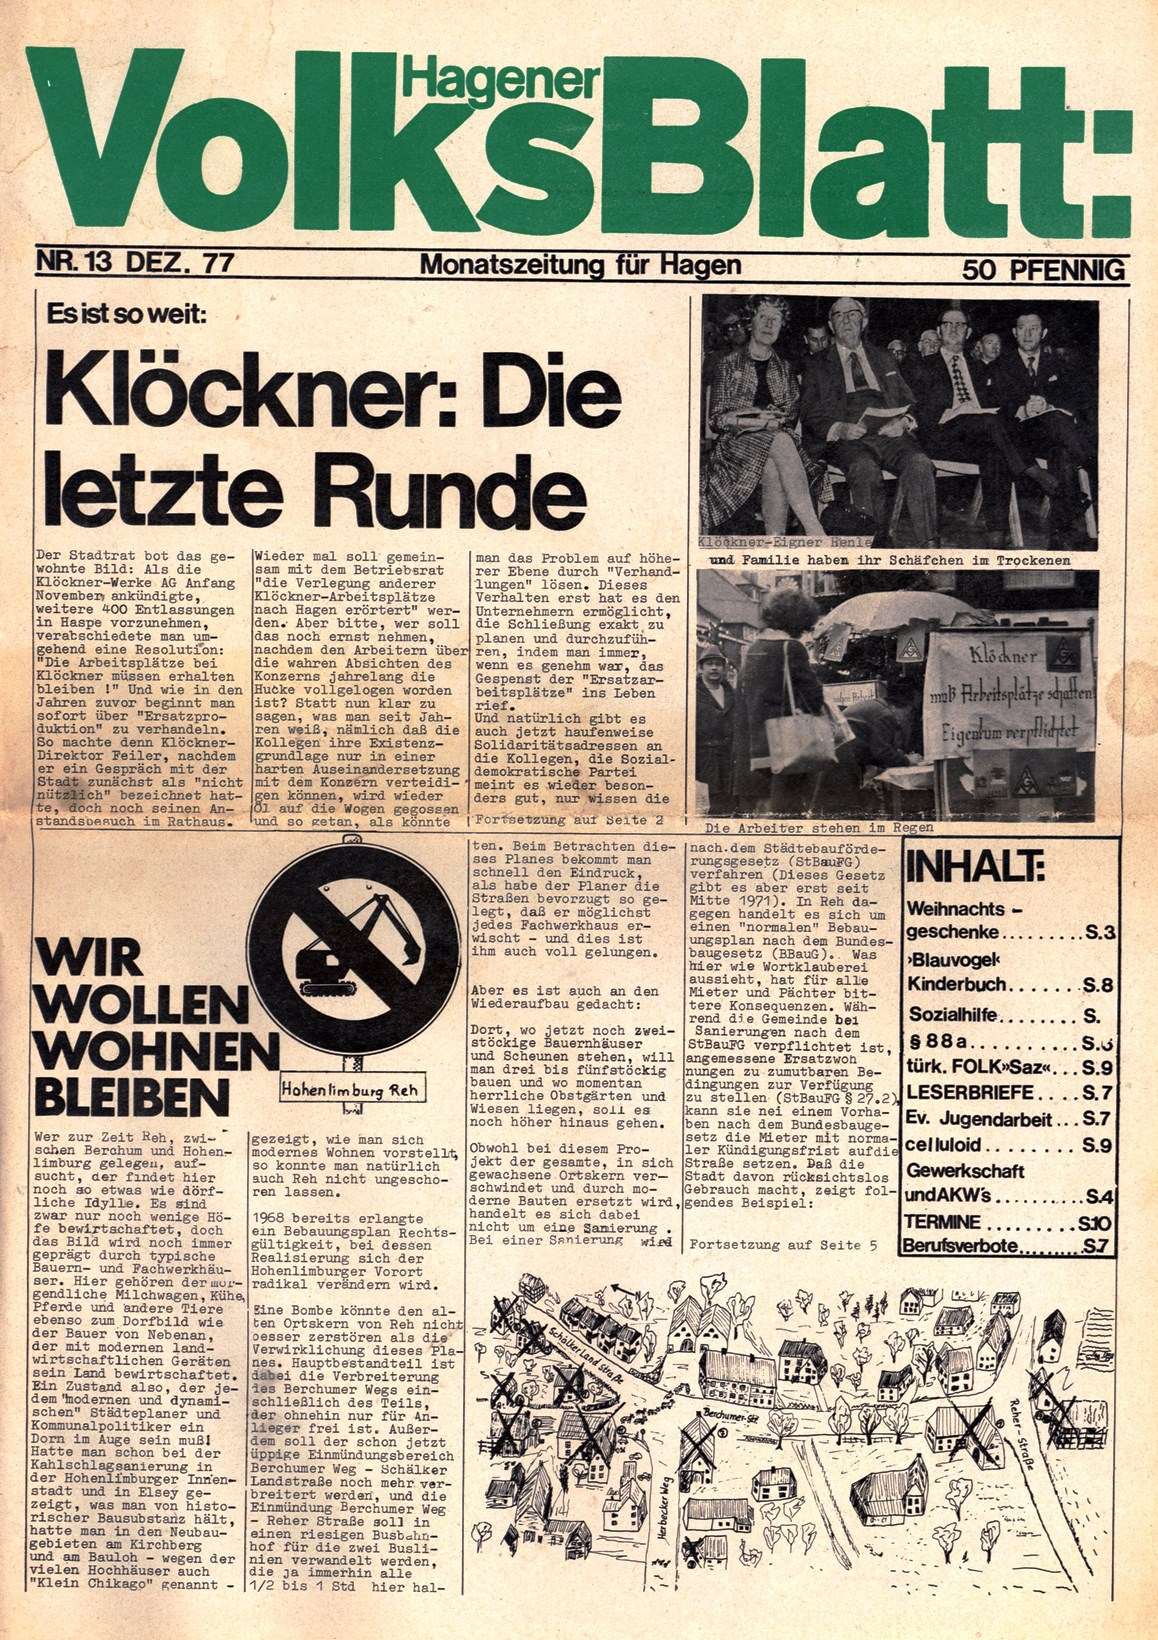 Hagen_Volksblatt_19771200_01